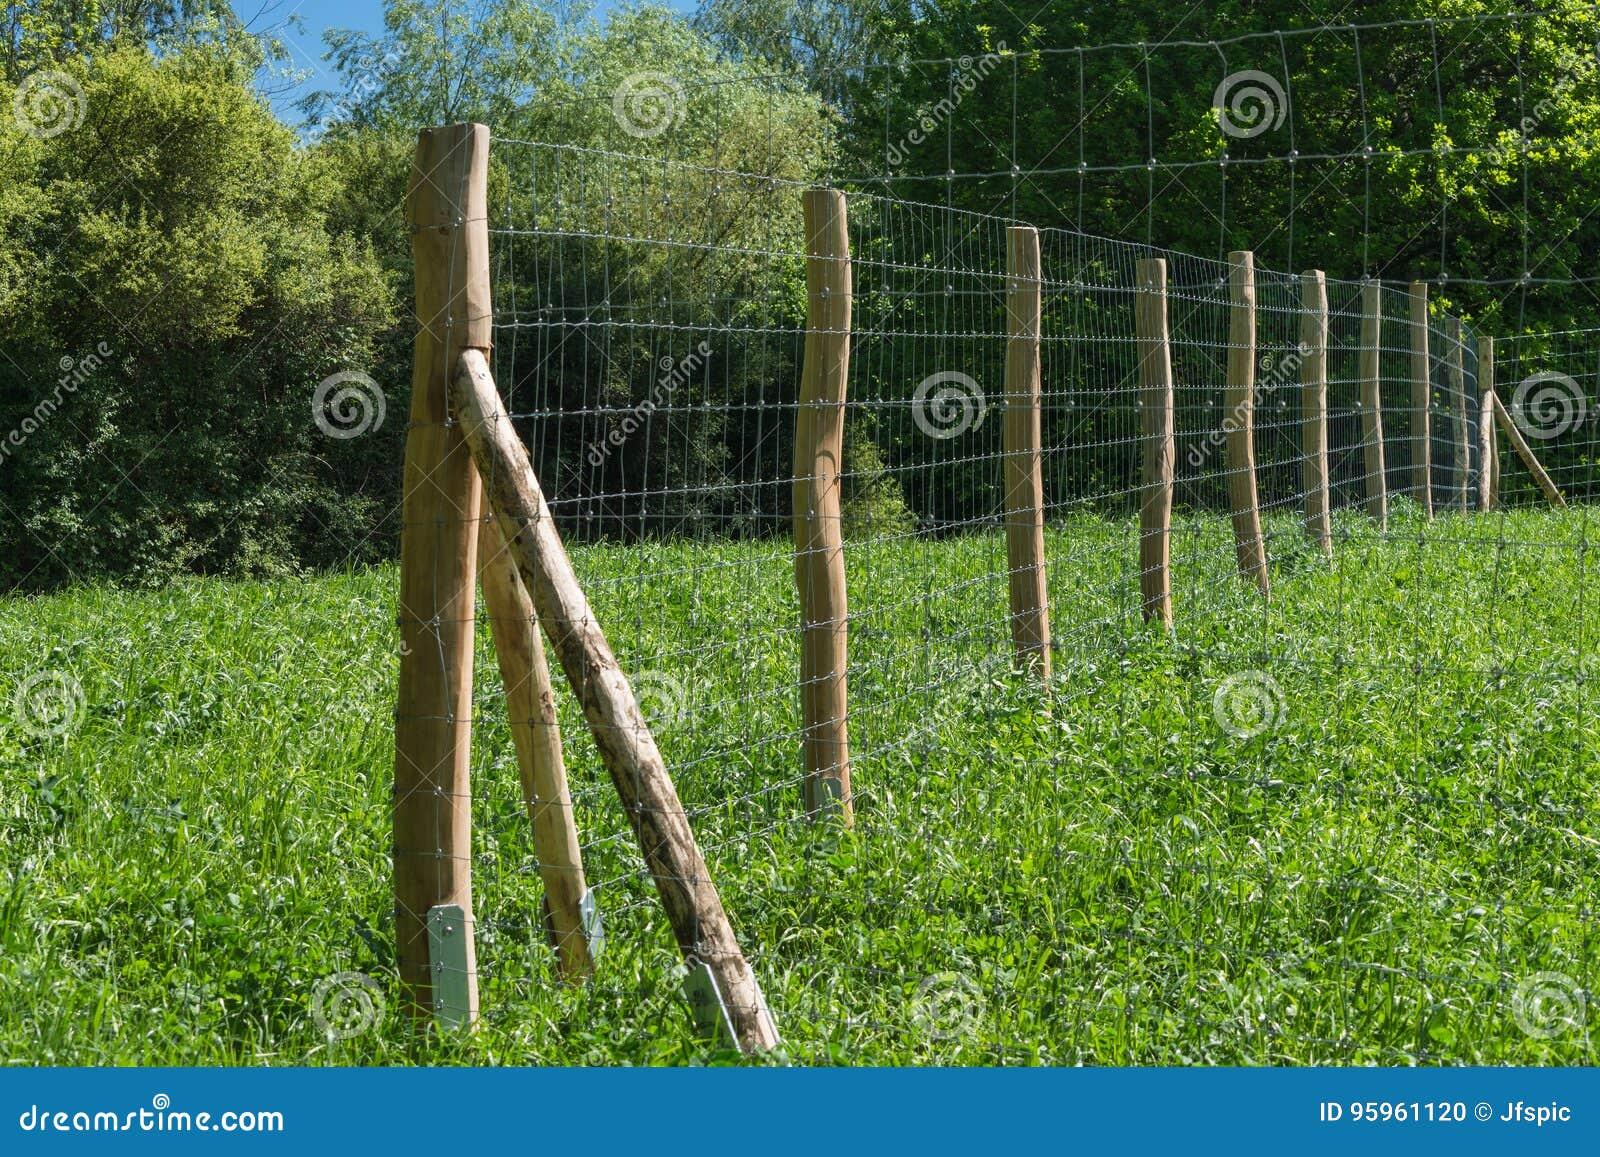 Zaun einer Weide stockfoto Bild von blau nave trocken